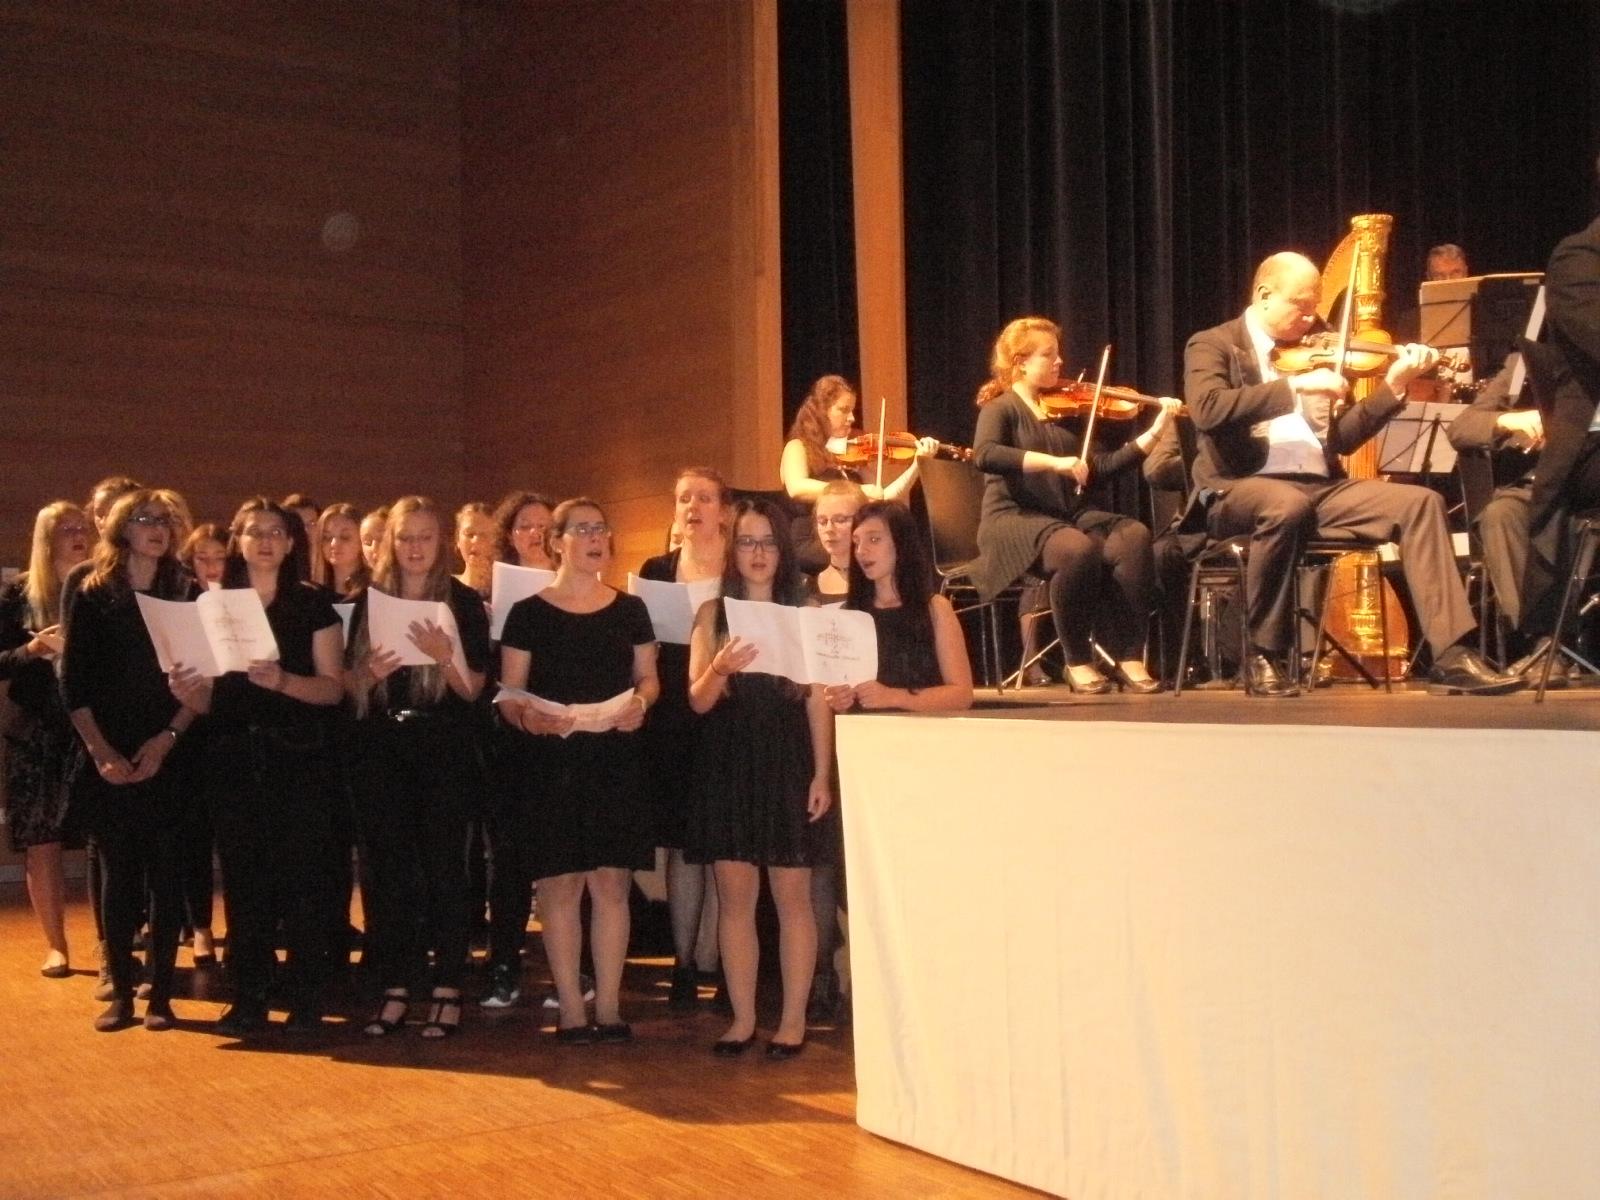 """Der große Auftritt ist gekommen: Chor-Workshopdteilnehmer des RTG Nittenau singen den Eingangschor aus Smetanas """"Die verkaufte Braut"""" in der Schwarzachtalhalle."""